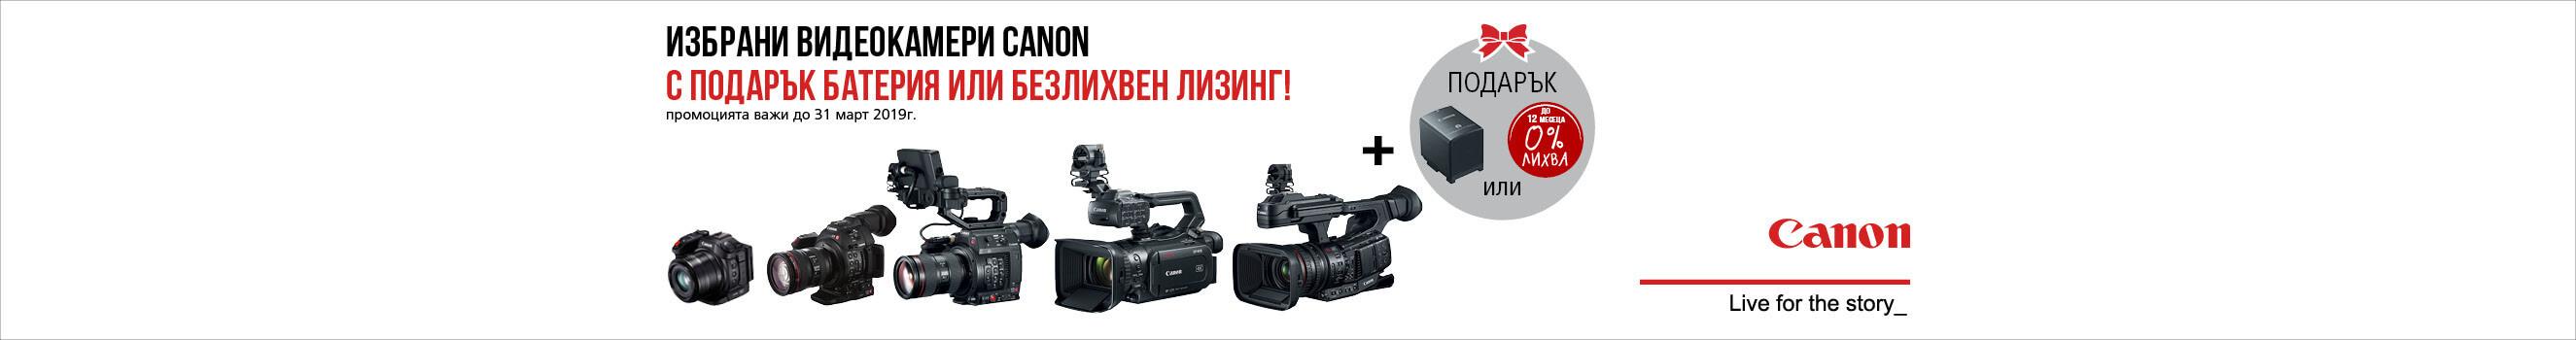 Видеокамери Canon с подарък или 0% лизинг